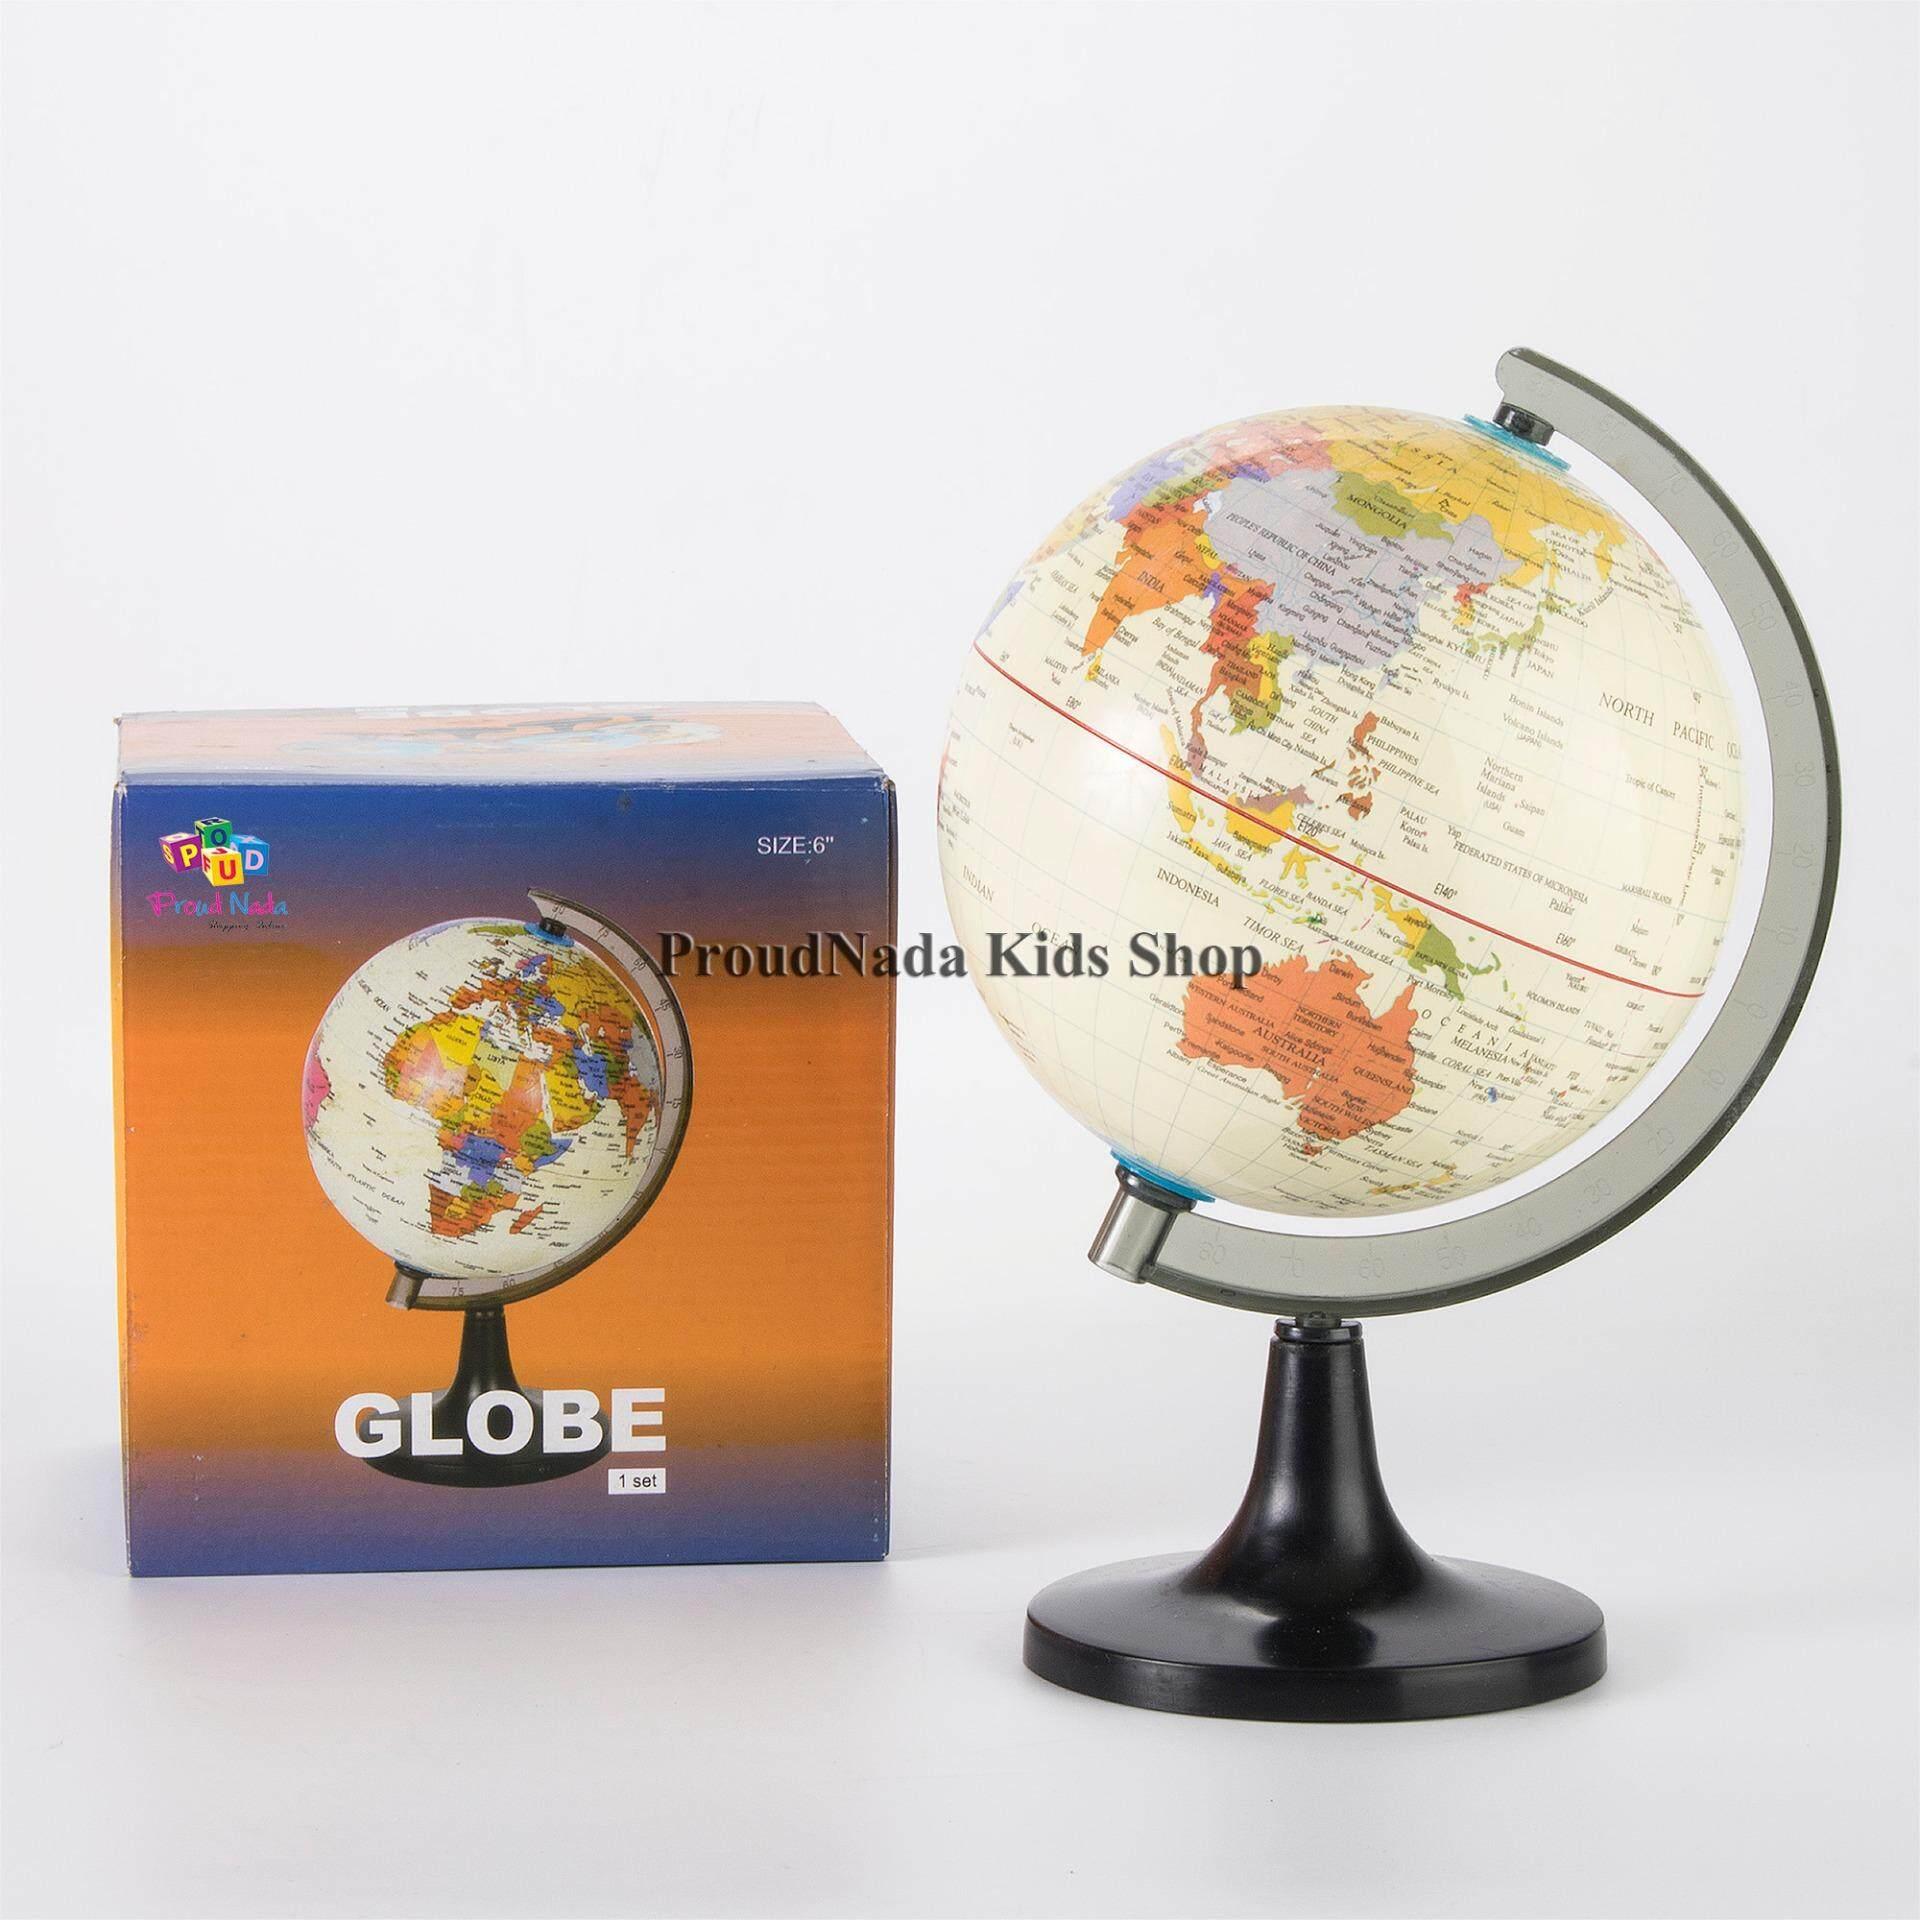 Proudnada Toys ของเล่นเด็กชุดแผนที่ทวีปลูกโลกขนาด 6 นิ้ว(สีครีม) Globe.